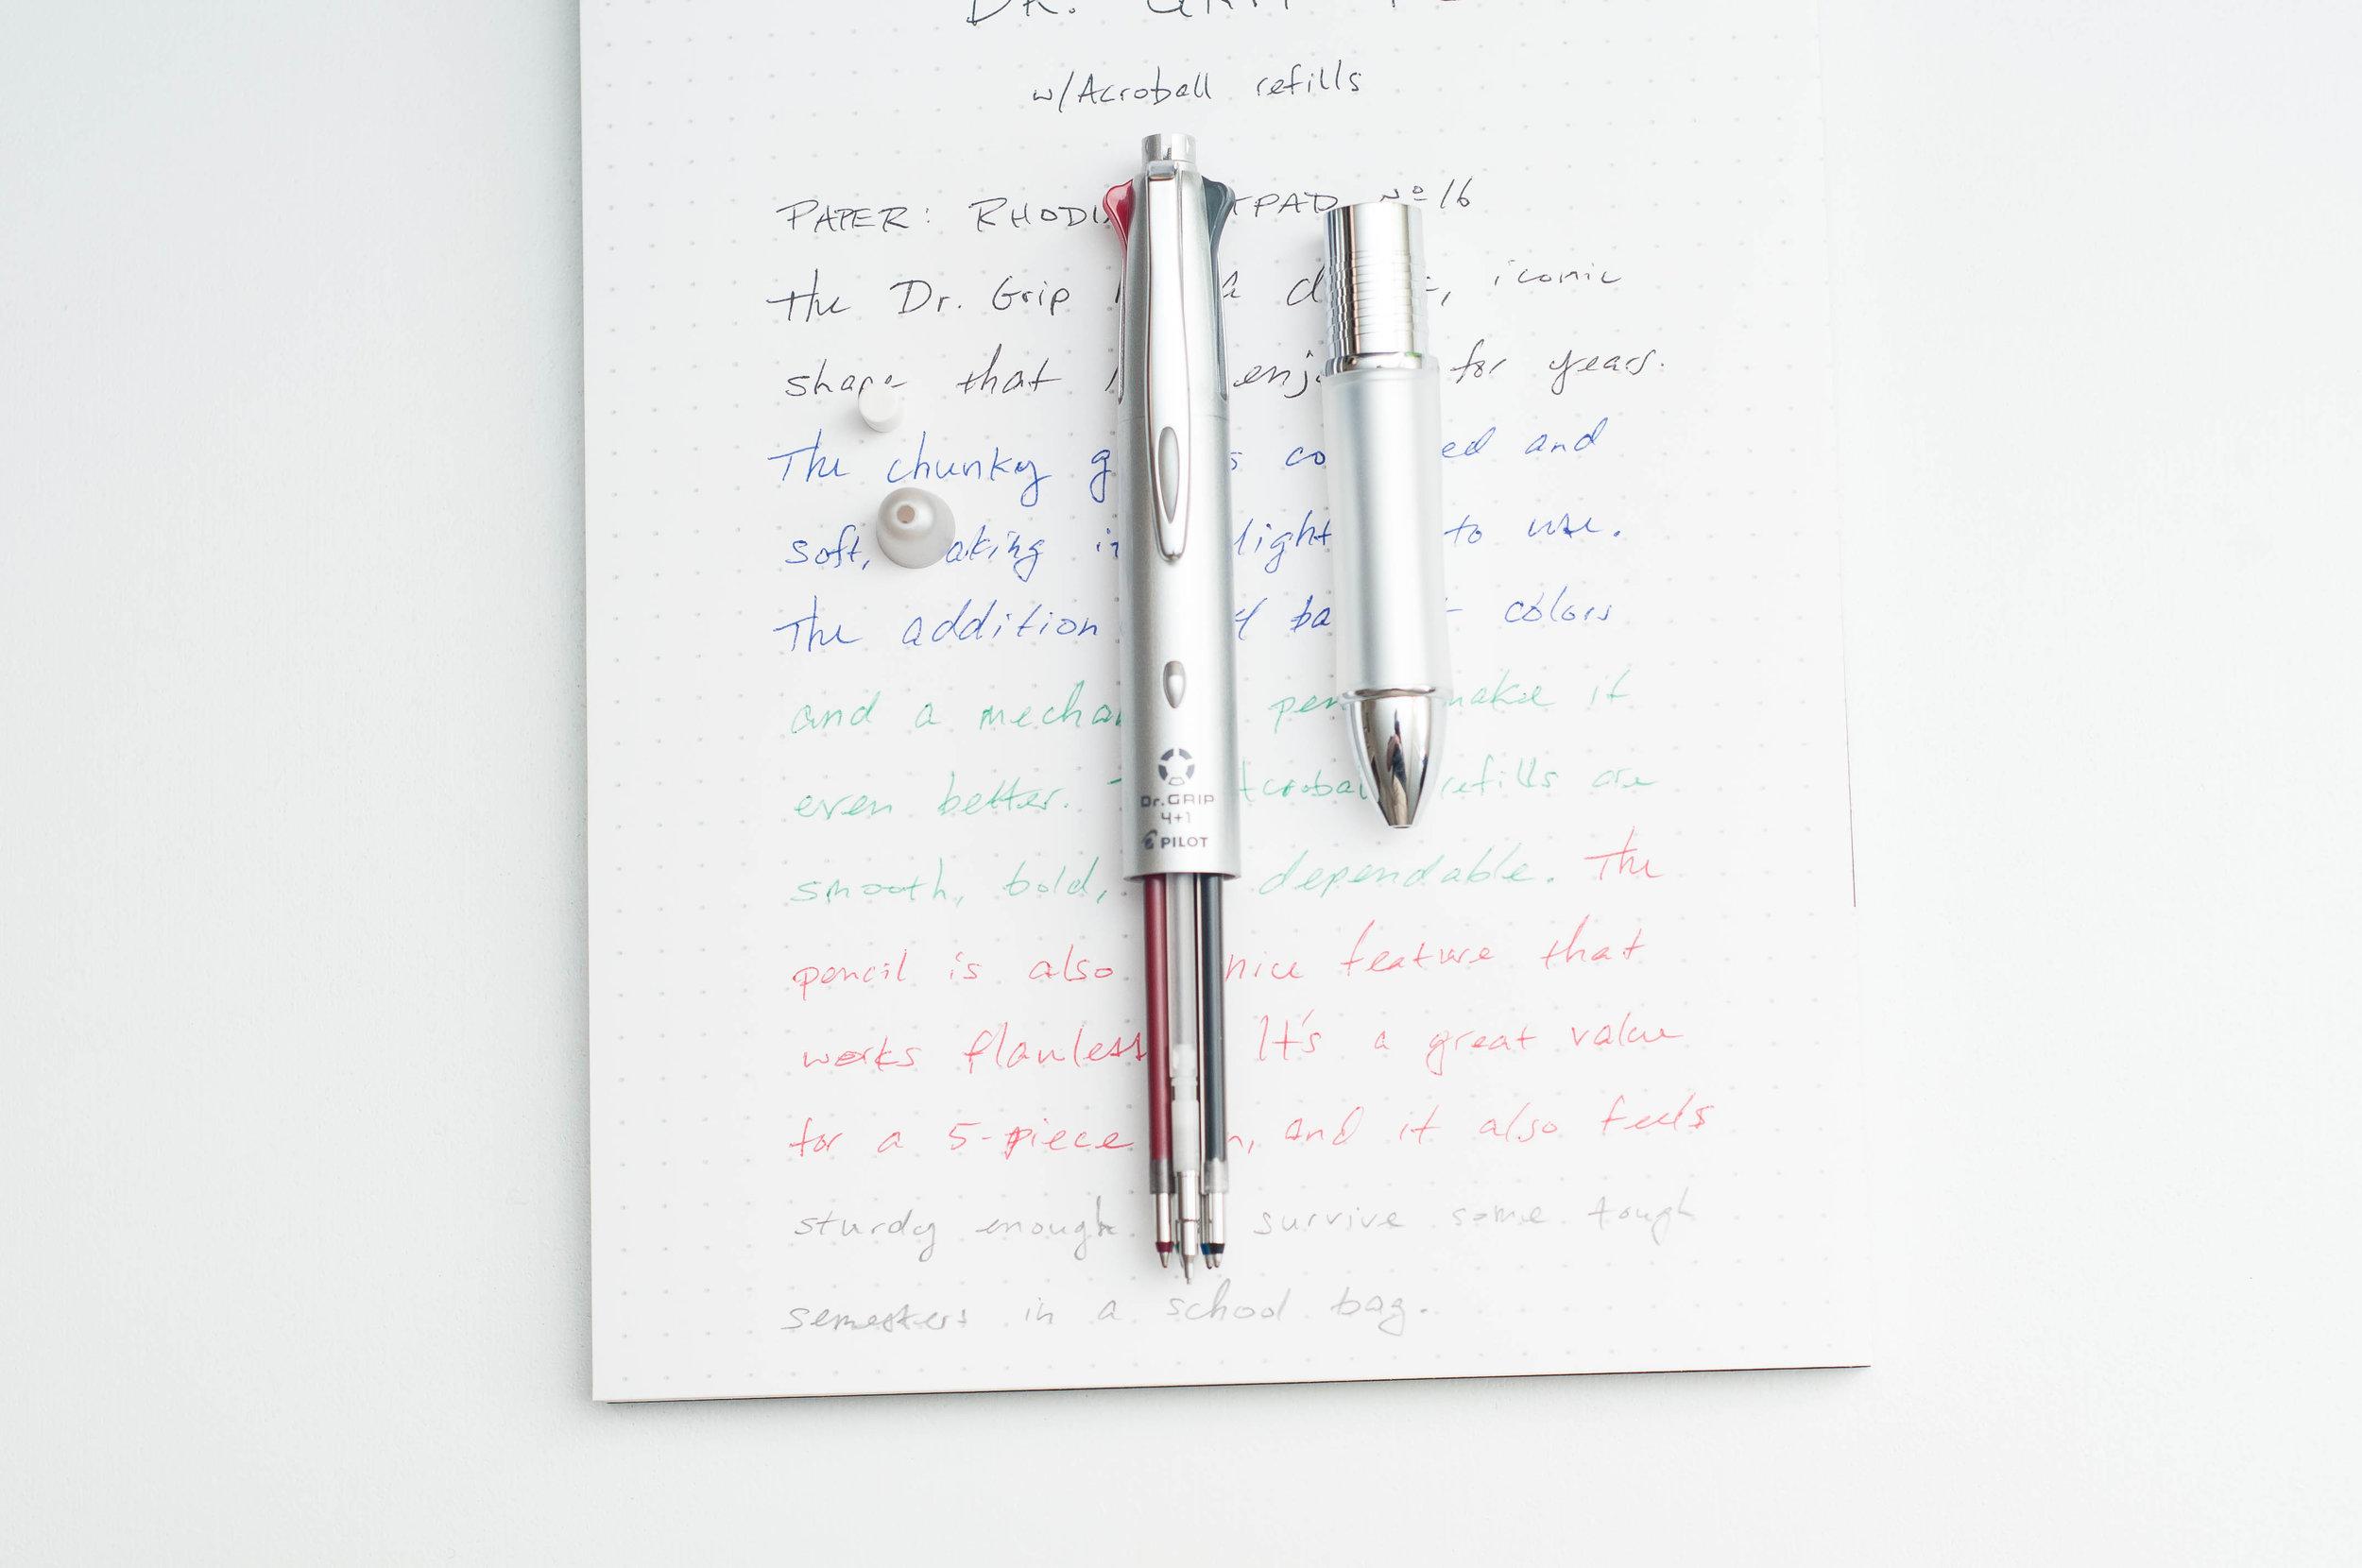 Pilot Dr. Grip 4+1 4-Color Multi Pen Colors